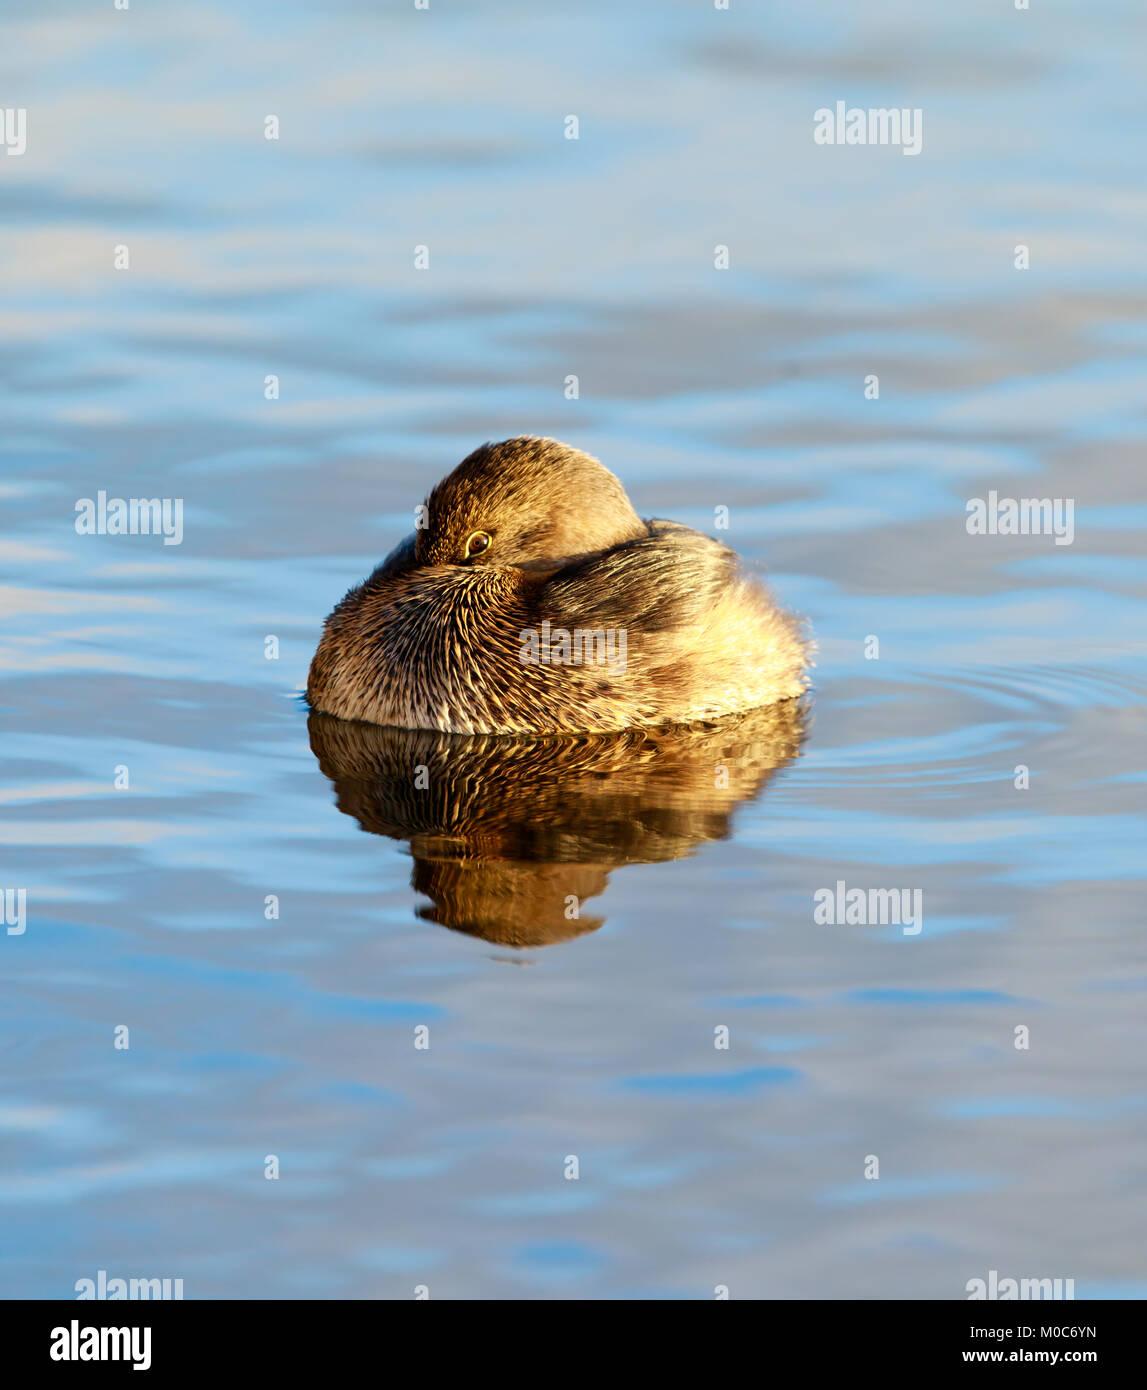 Pied-billed grebe (Podilymbus podiceps) - Stock Image